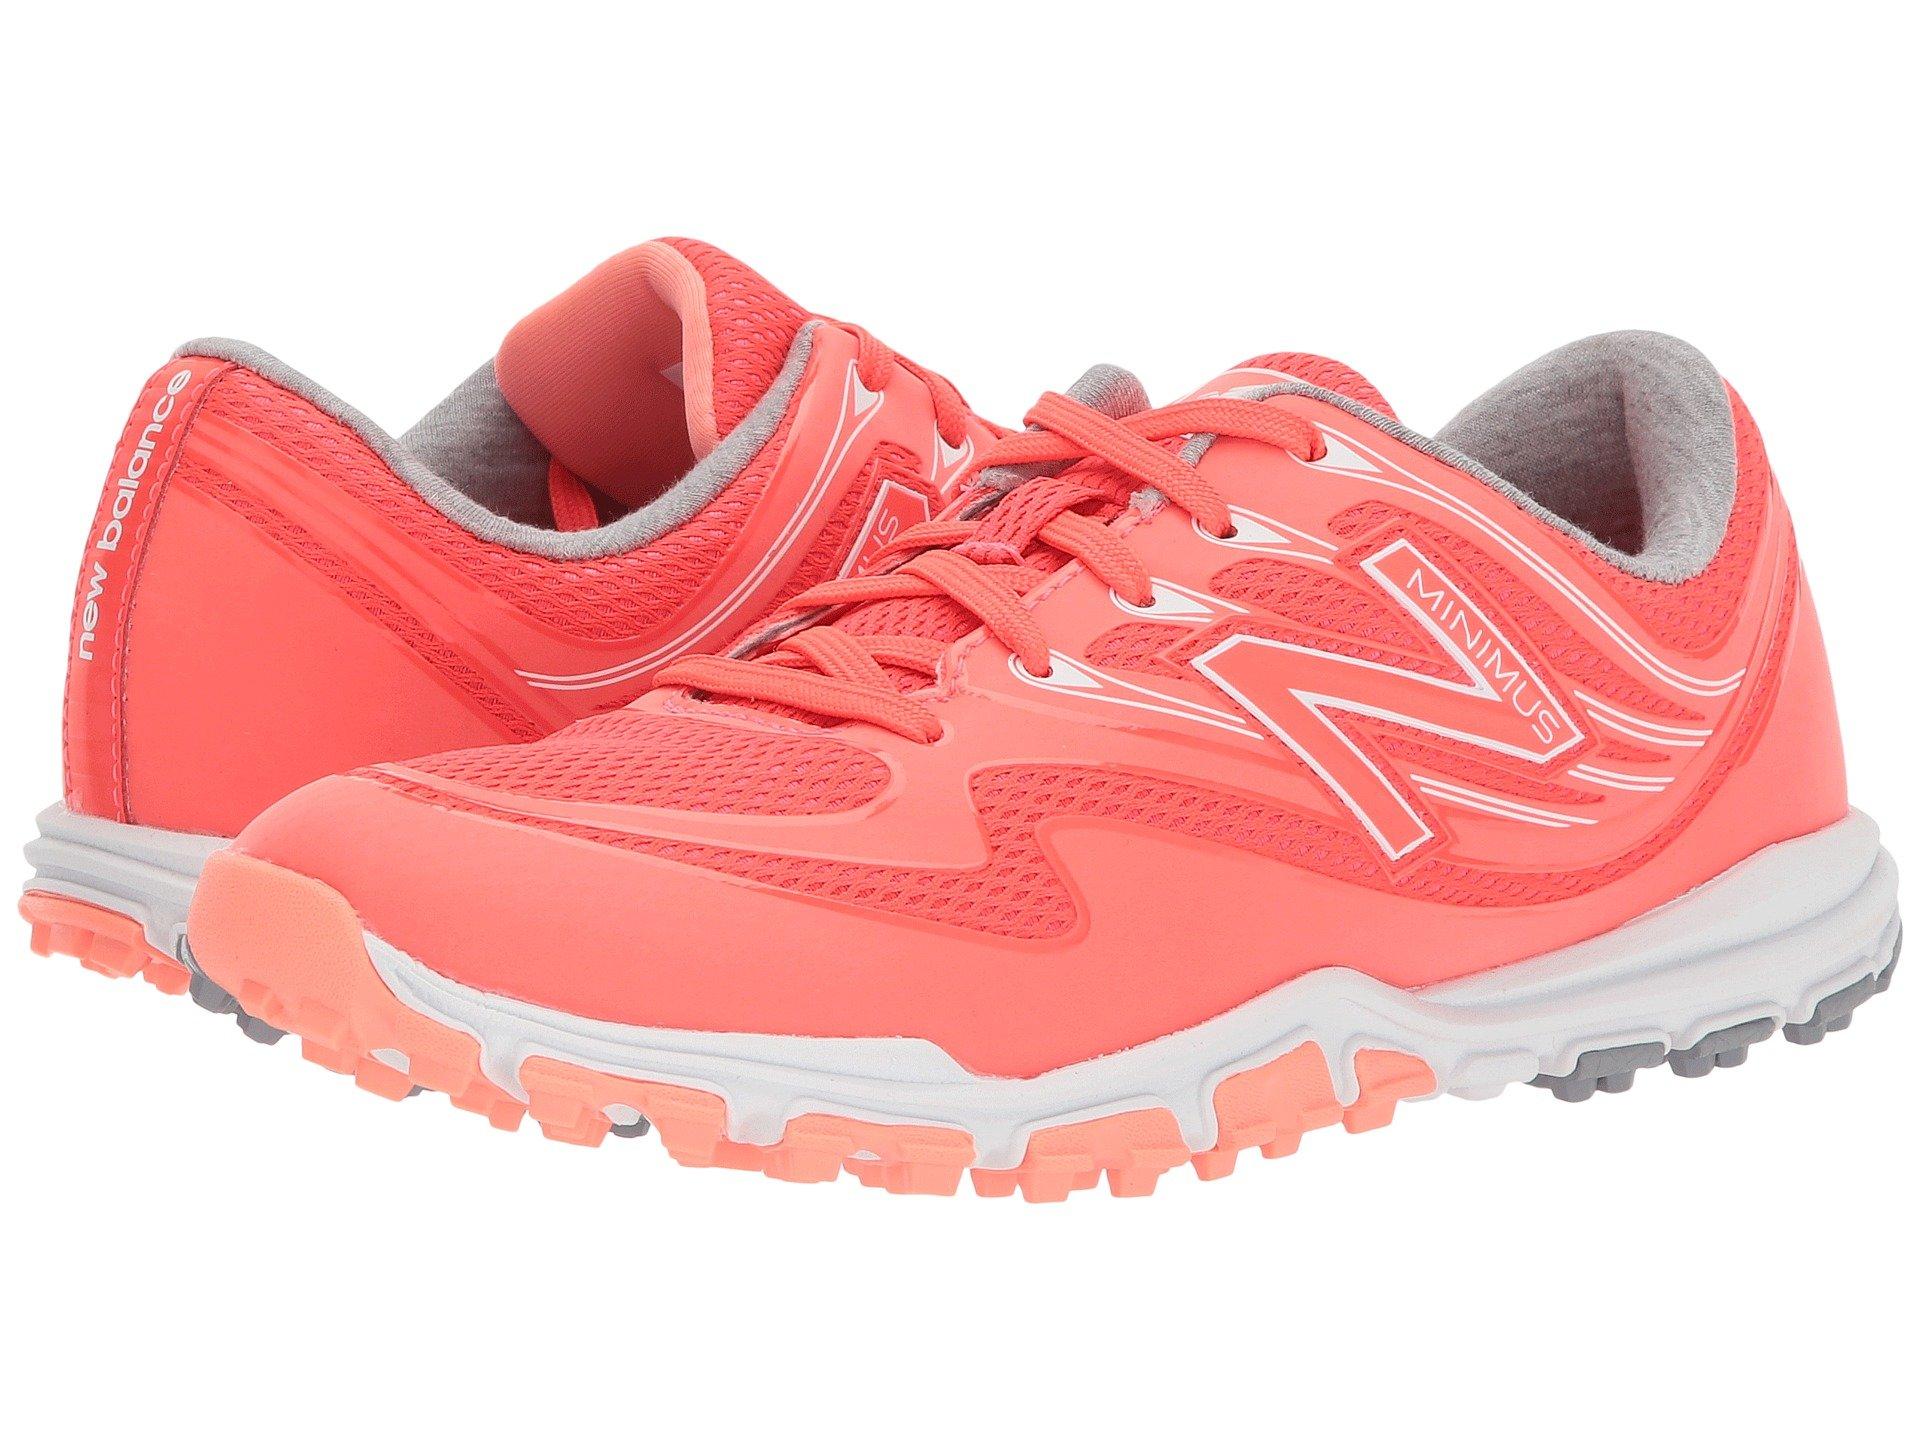 New Balance Women's Minimus Sport Golf Shoe - Choose SZ/Color